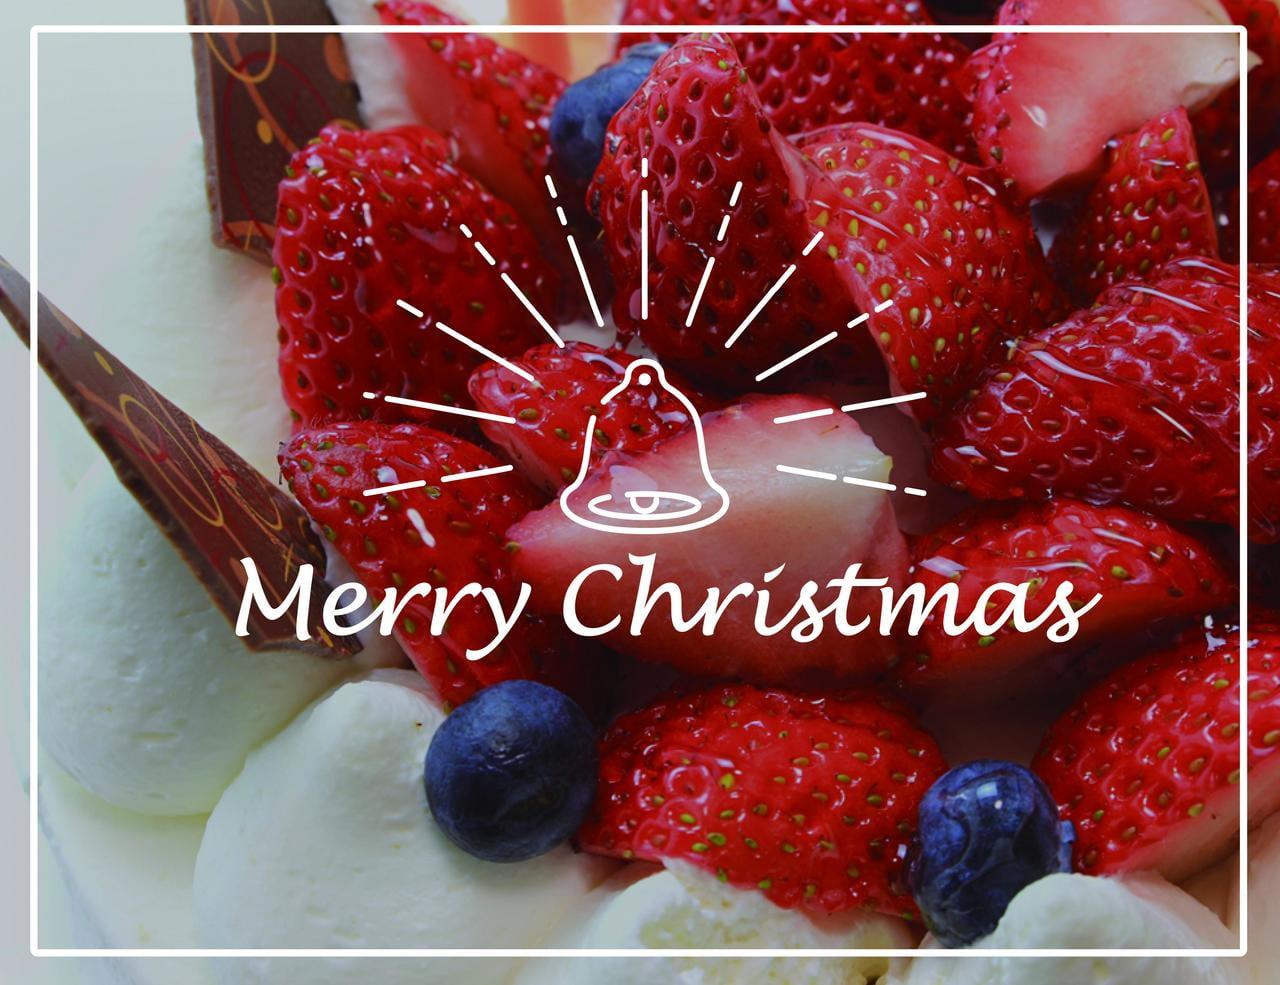 【2017年】今年はどれにする?姫路のクリスマスケーキ5選